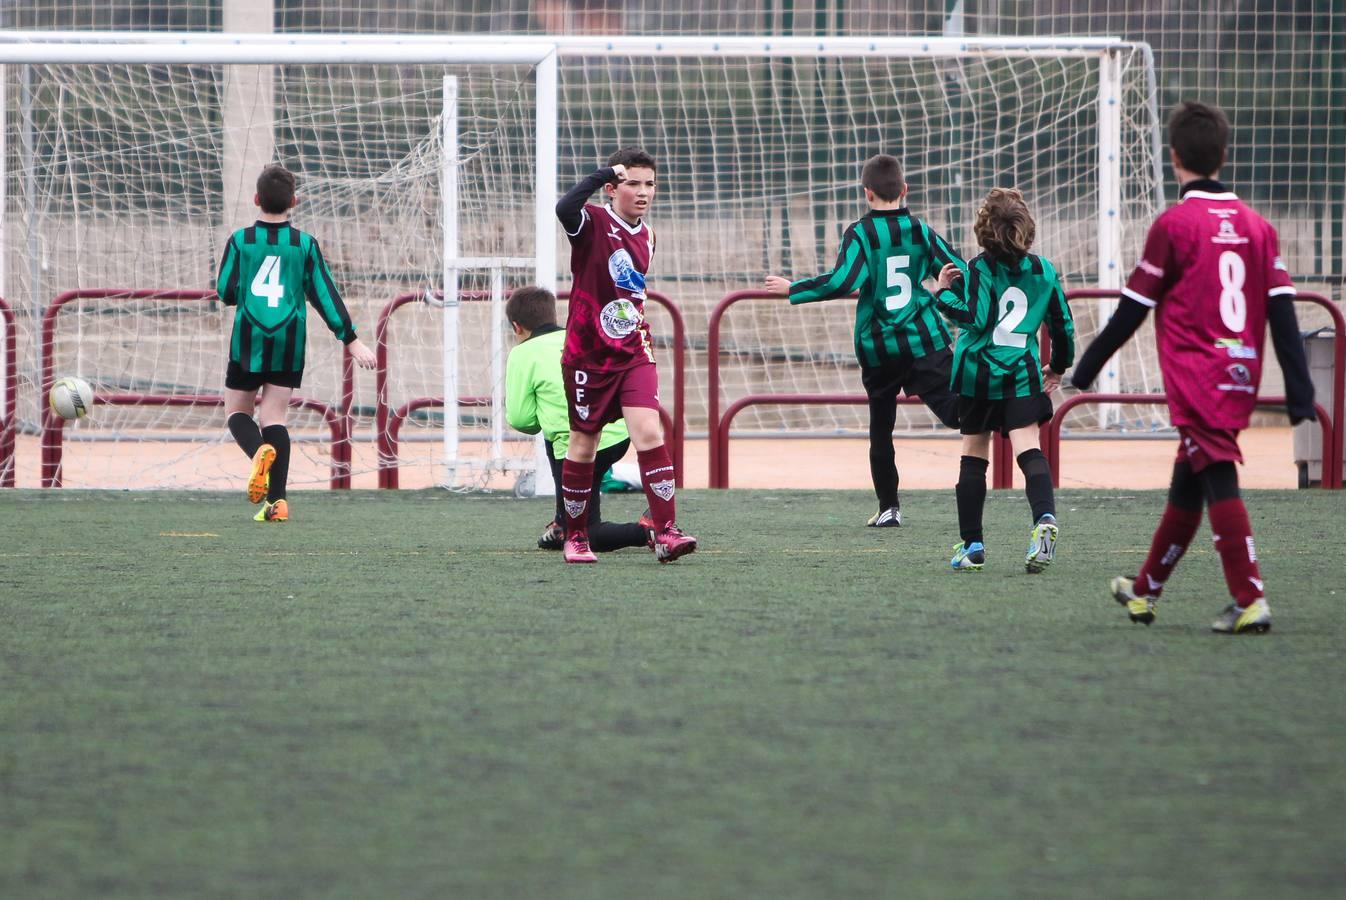 El fútbol llena los campos en los Juegos Deportivos